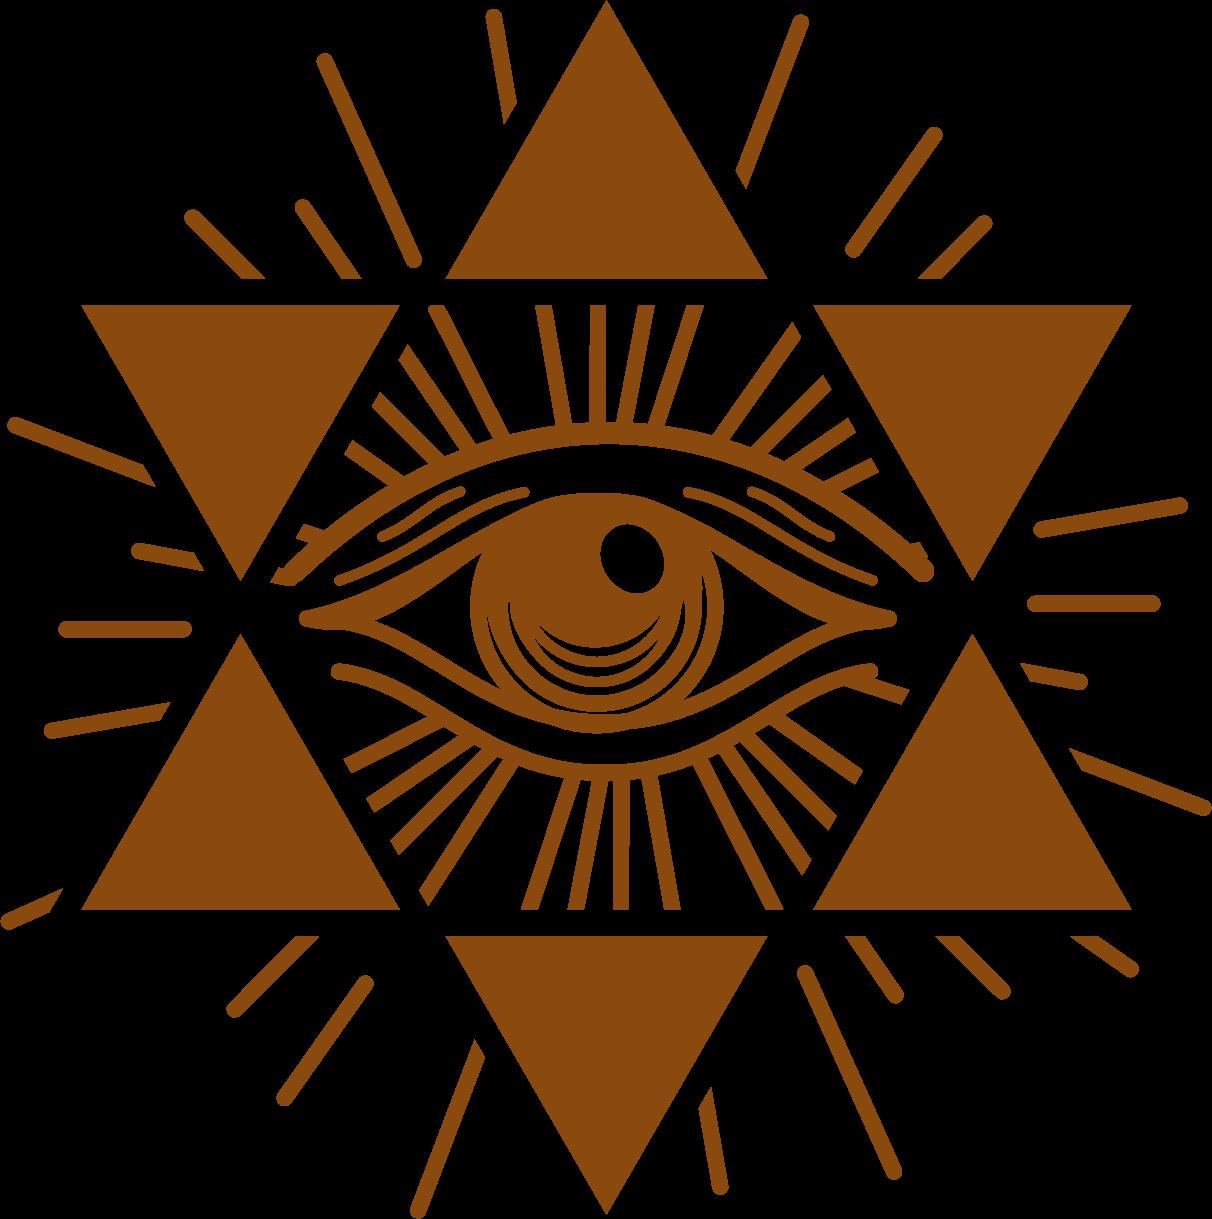 עין לציון